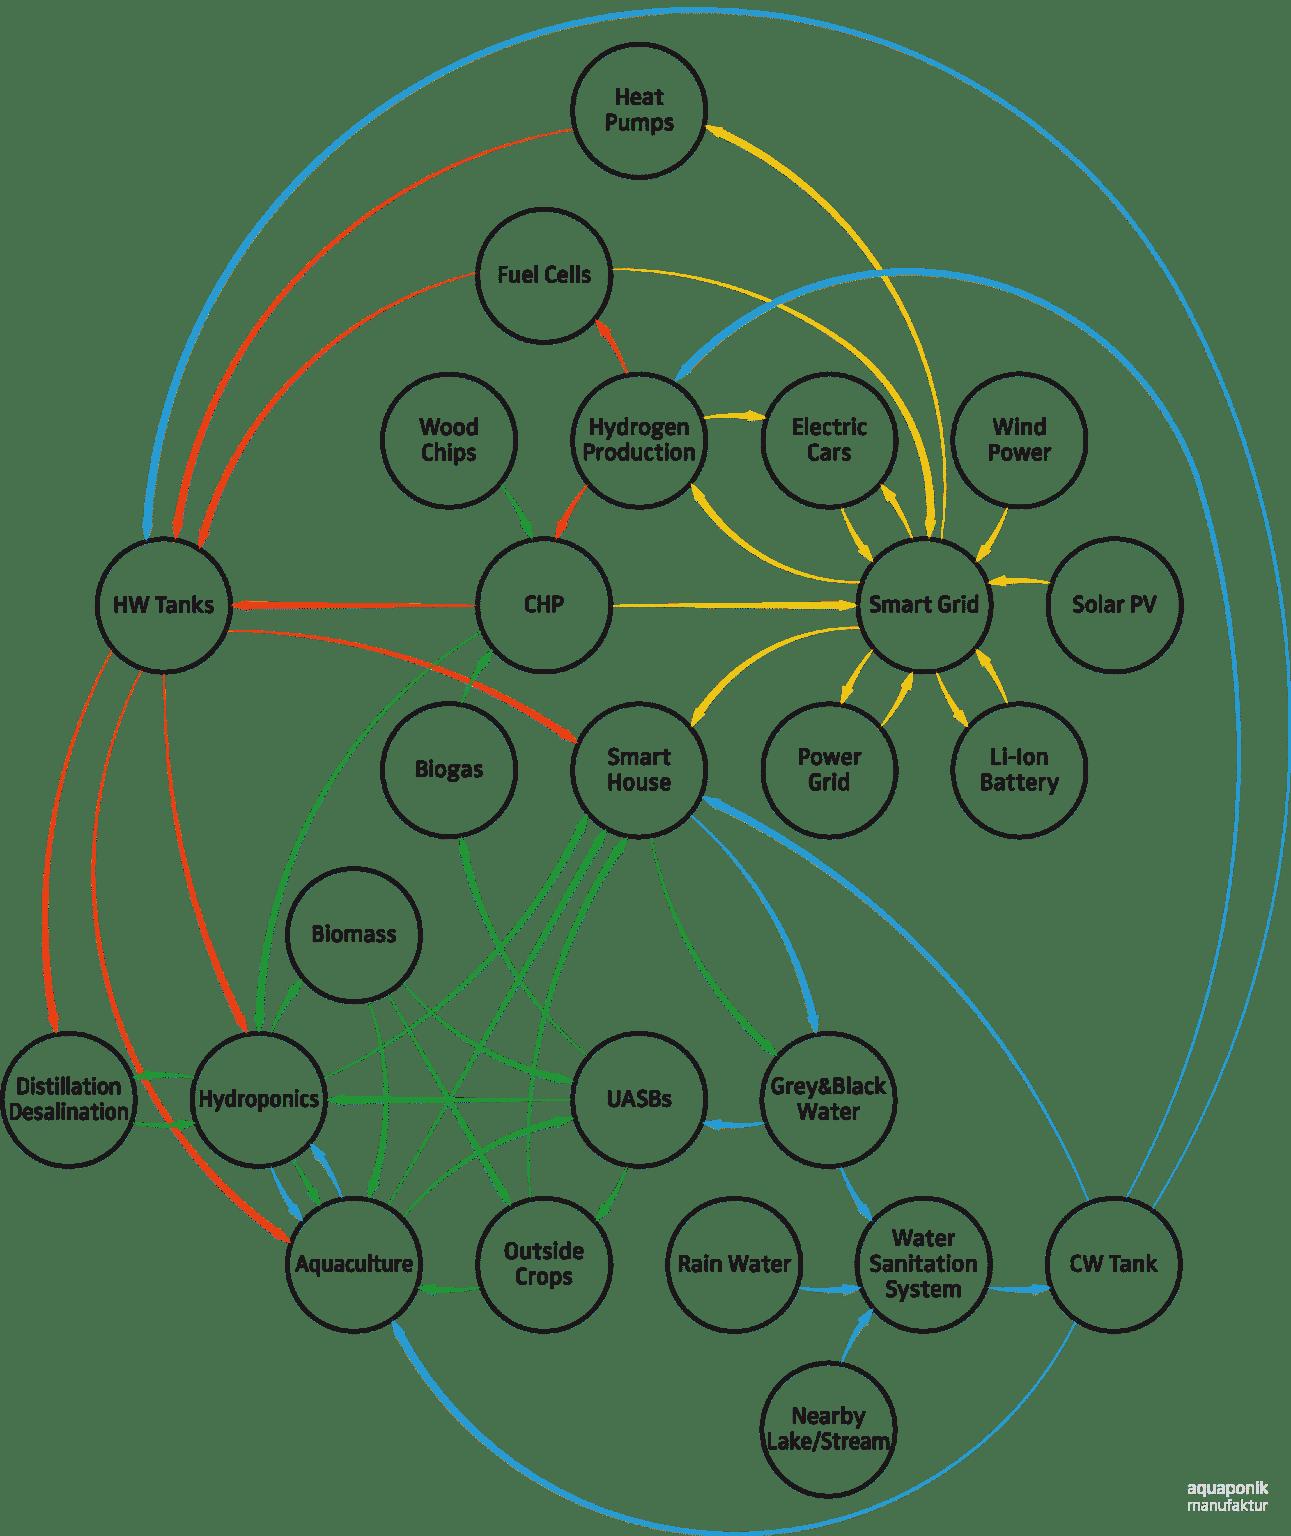 Aquaponik im Verbund mit anderen Nährstoff-Kreisläufen